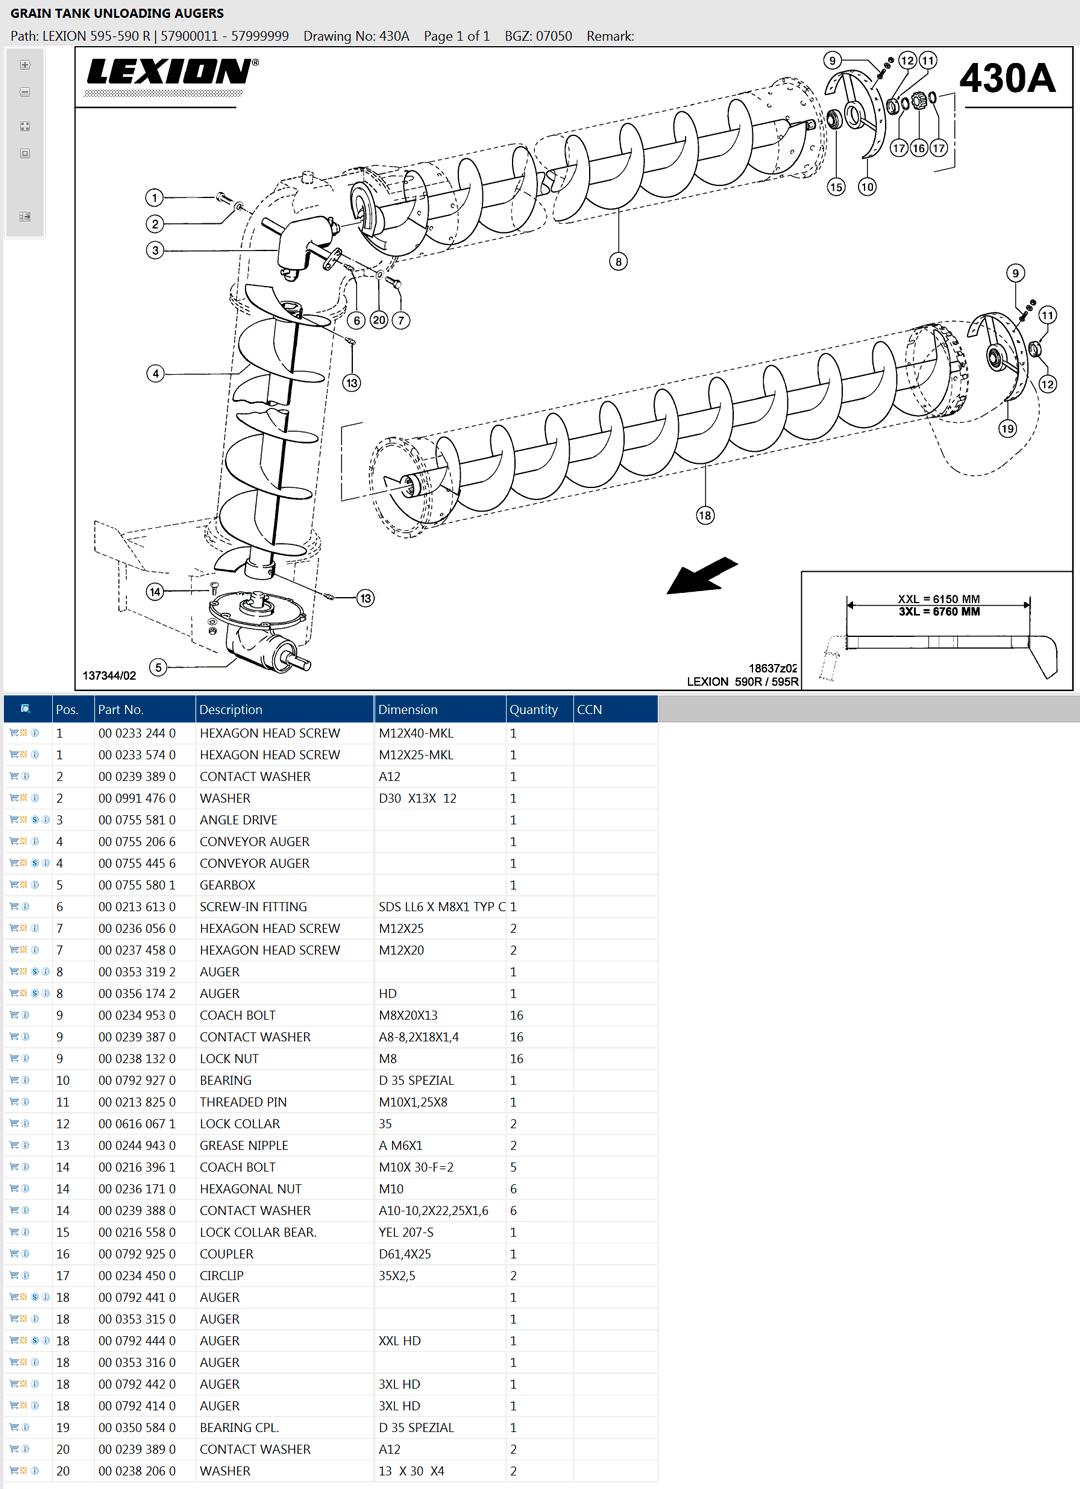 Lexion 595R parts and scheme - Grain tank unloading auger